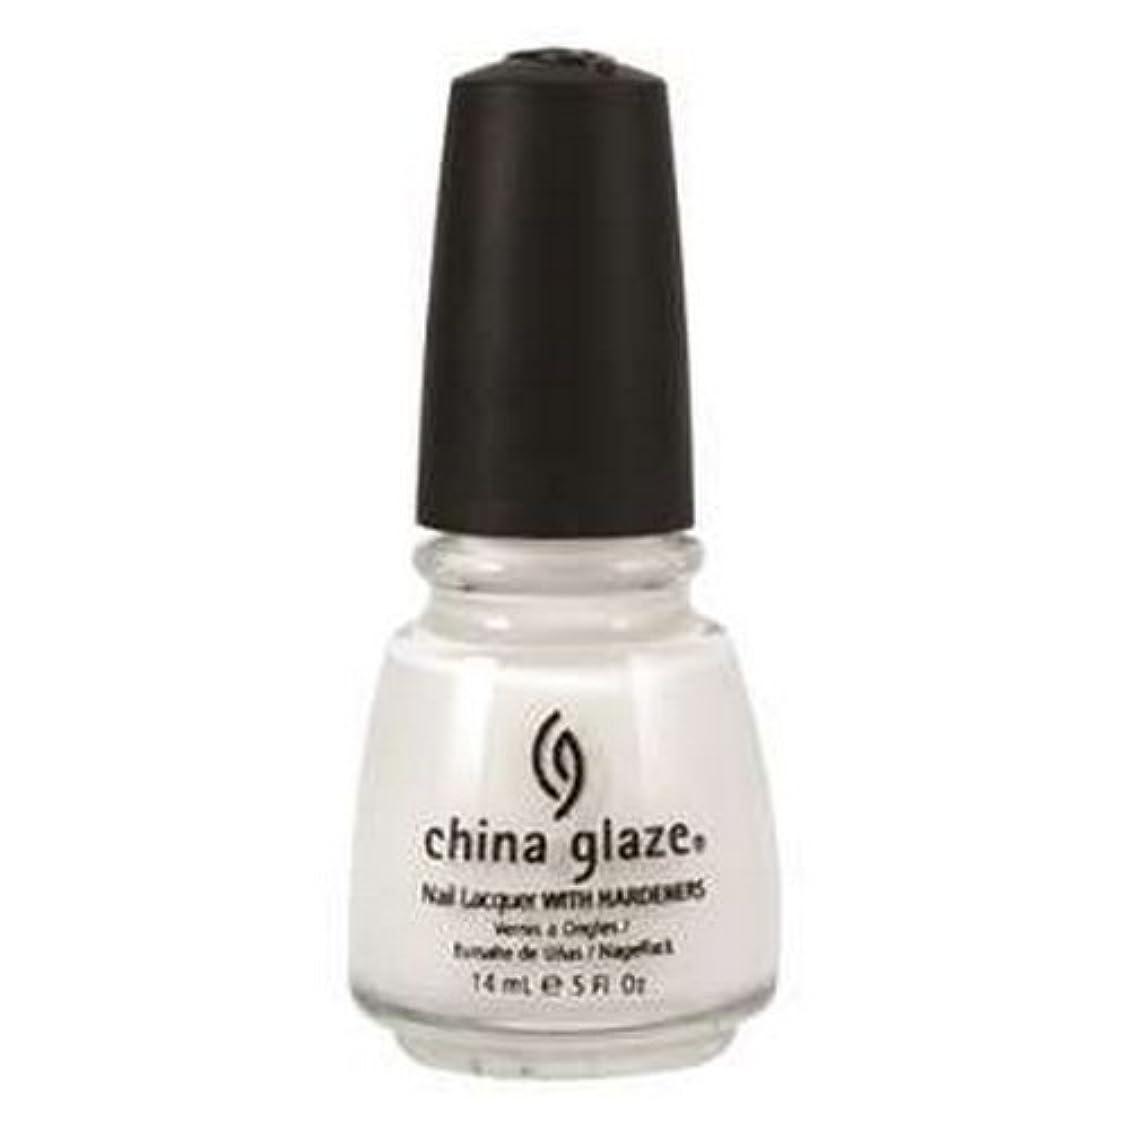 参照選択ペインギリック(3 Pack) CHINA GLAZE Nail Lacquer with Nail Hardner 2 - Snow (並行輸入品)